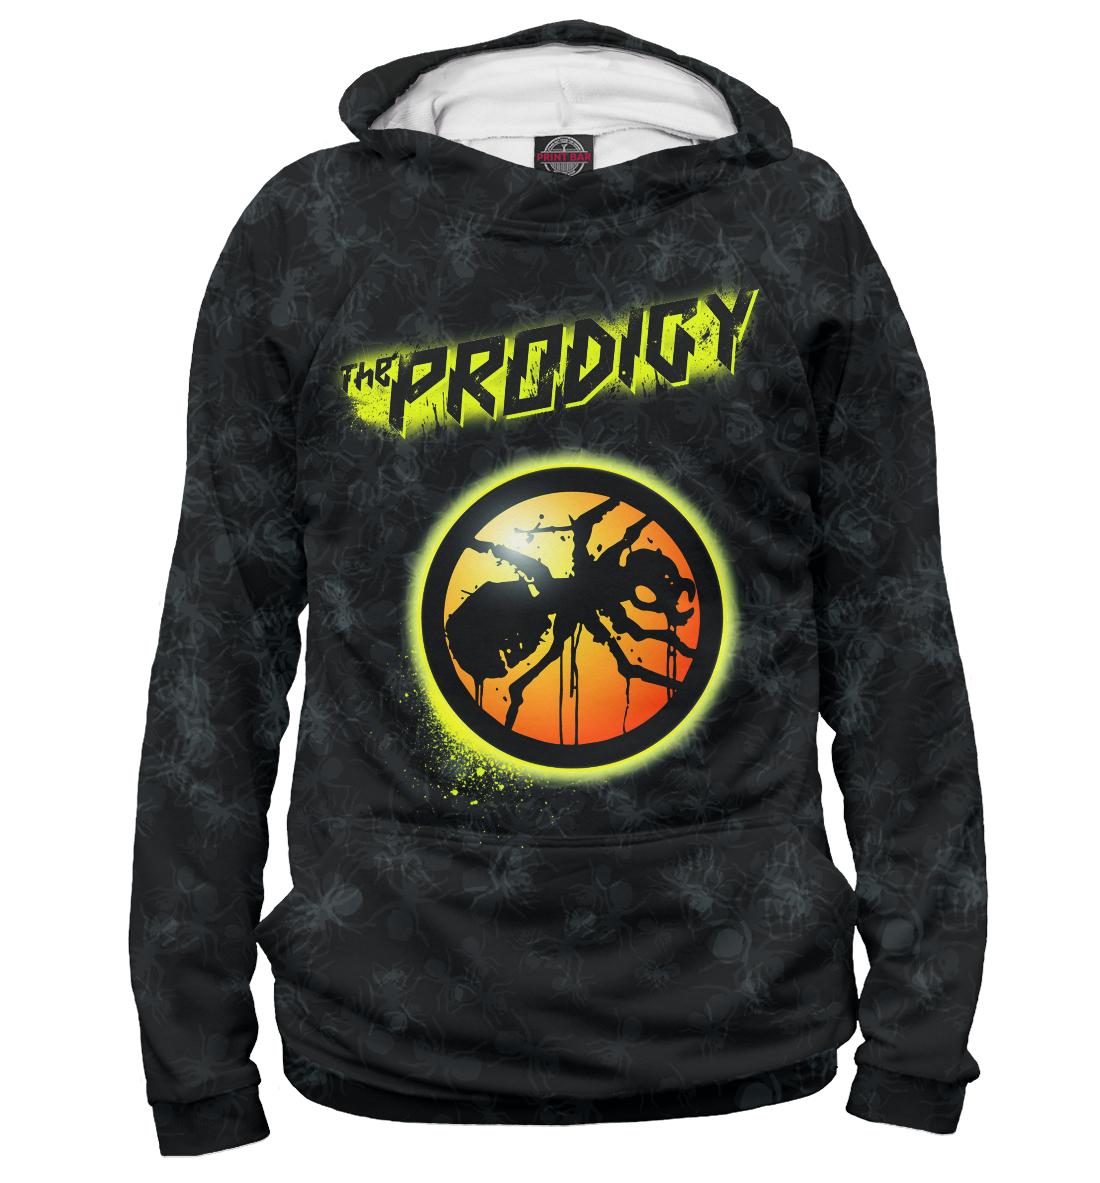 Купить Prodigy, Printbar, Худи, THE-270114-hud-1